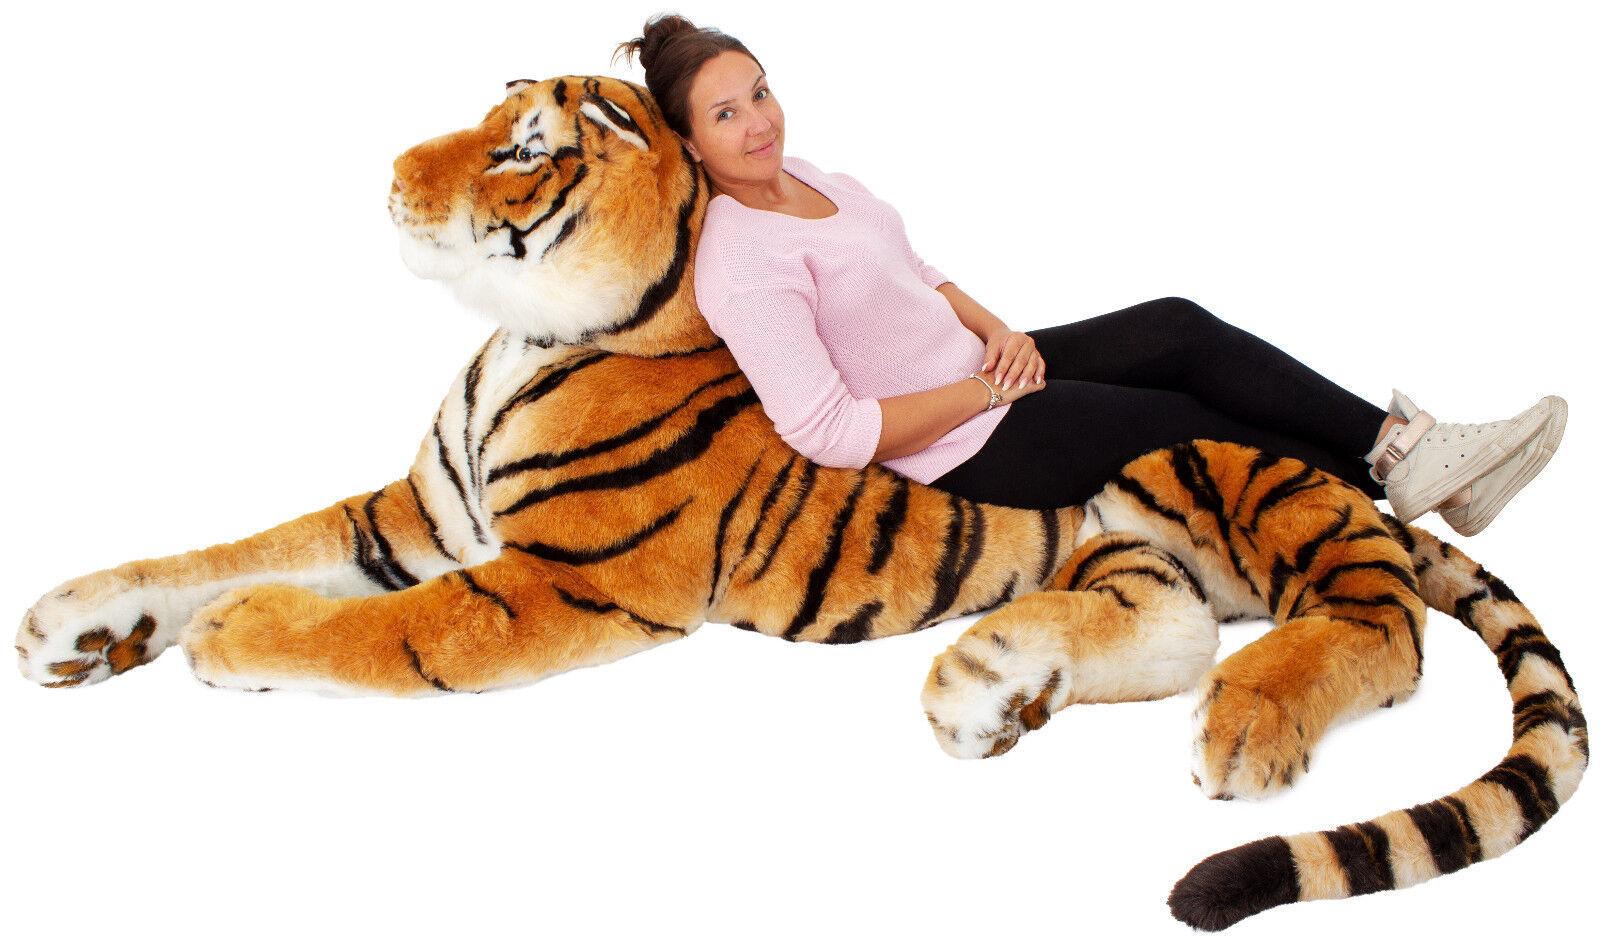 BRUBAKER XXL Plüschtier Plüsch Tiger Braun 220cm Kuscheltiger Plüschtiger riesig